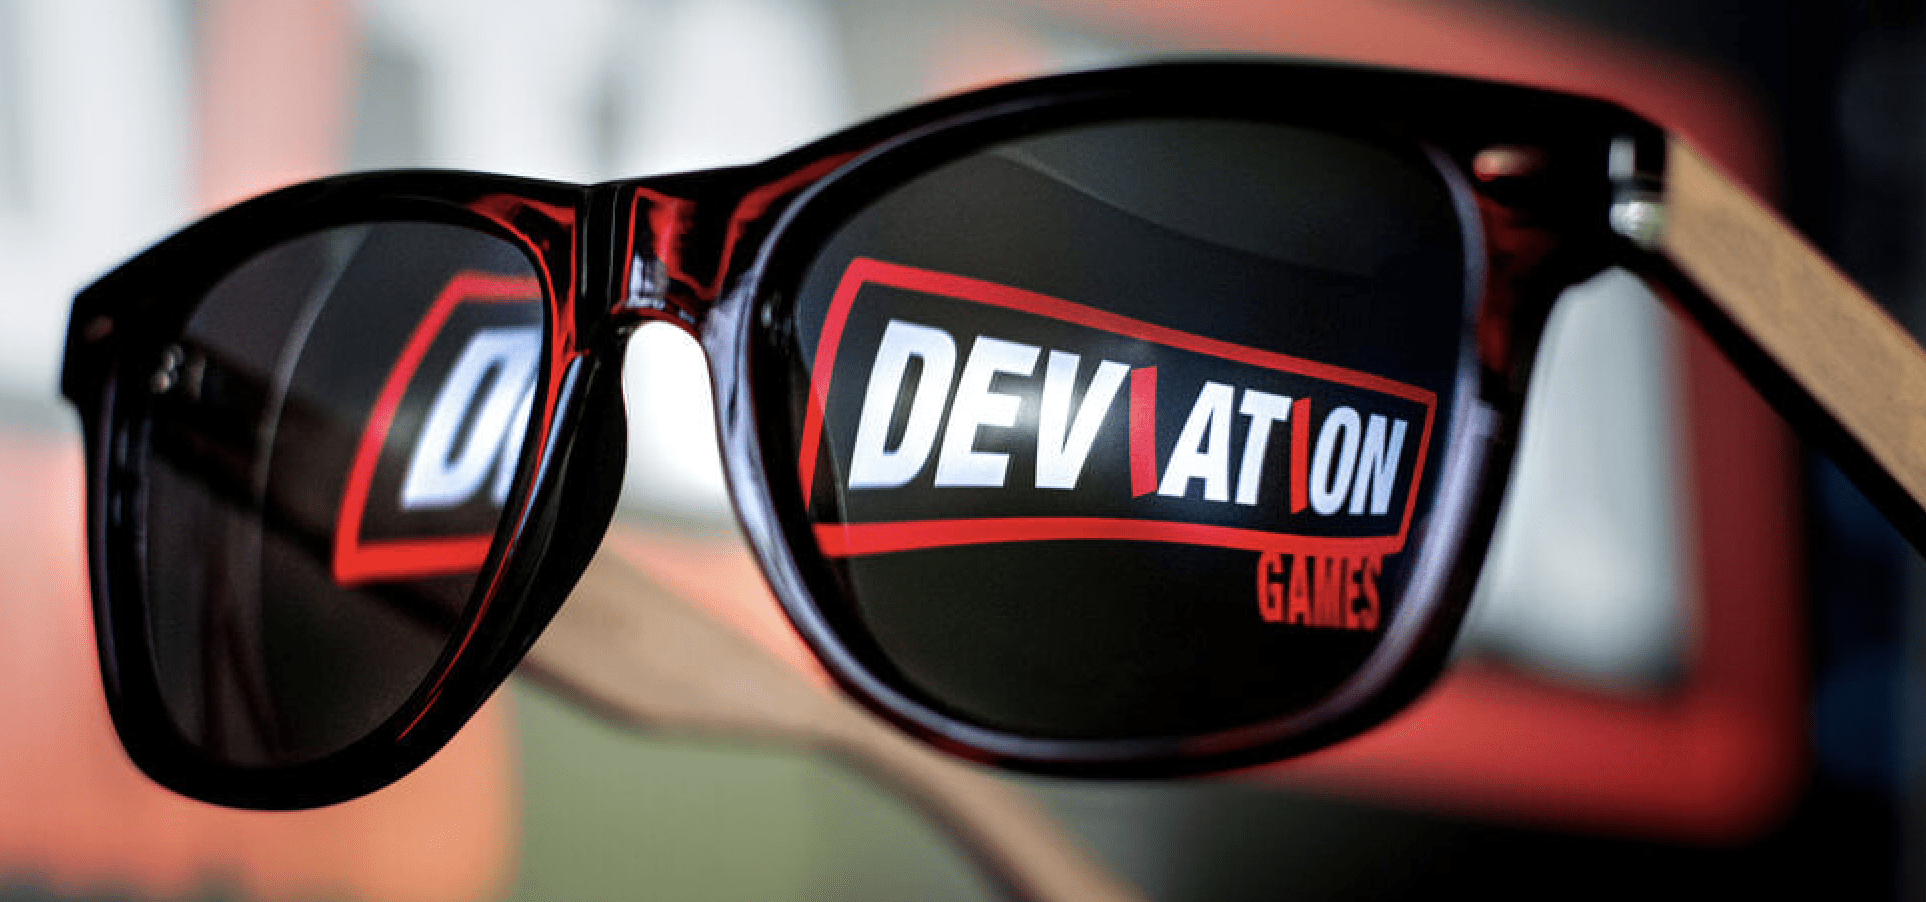 Новая студия Deviation Games разрабатывает эксклюзивную игру для PlayStation 2